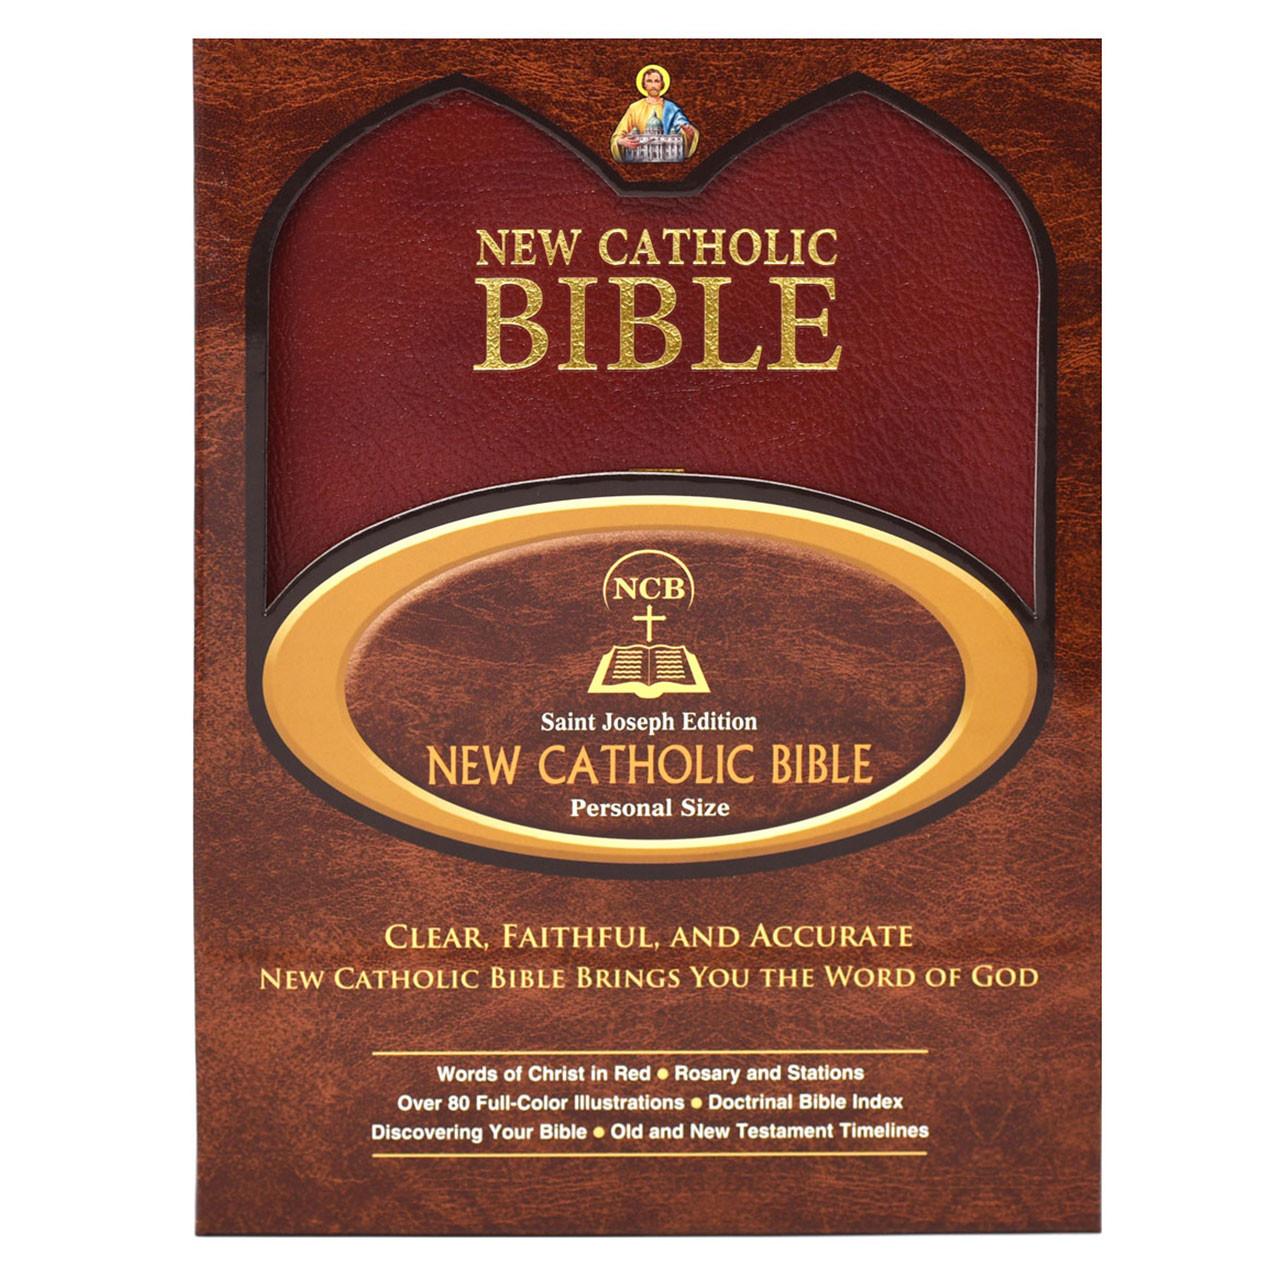 Box for Bonded Leather St. Joseph New Catholic Bible